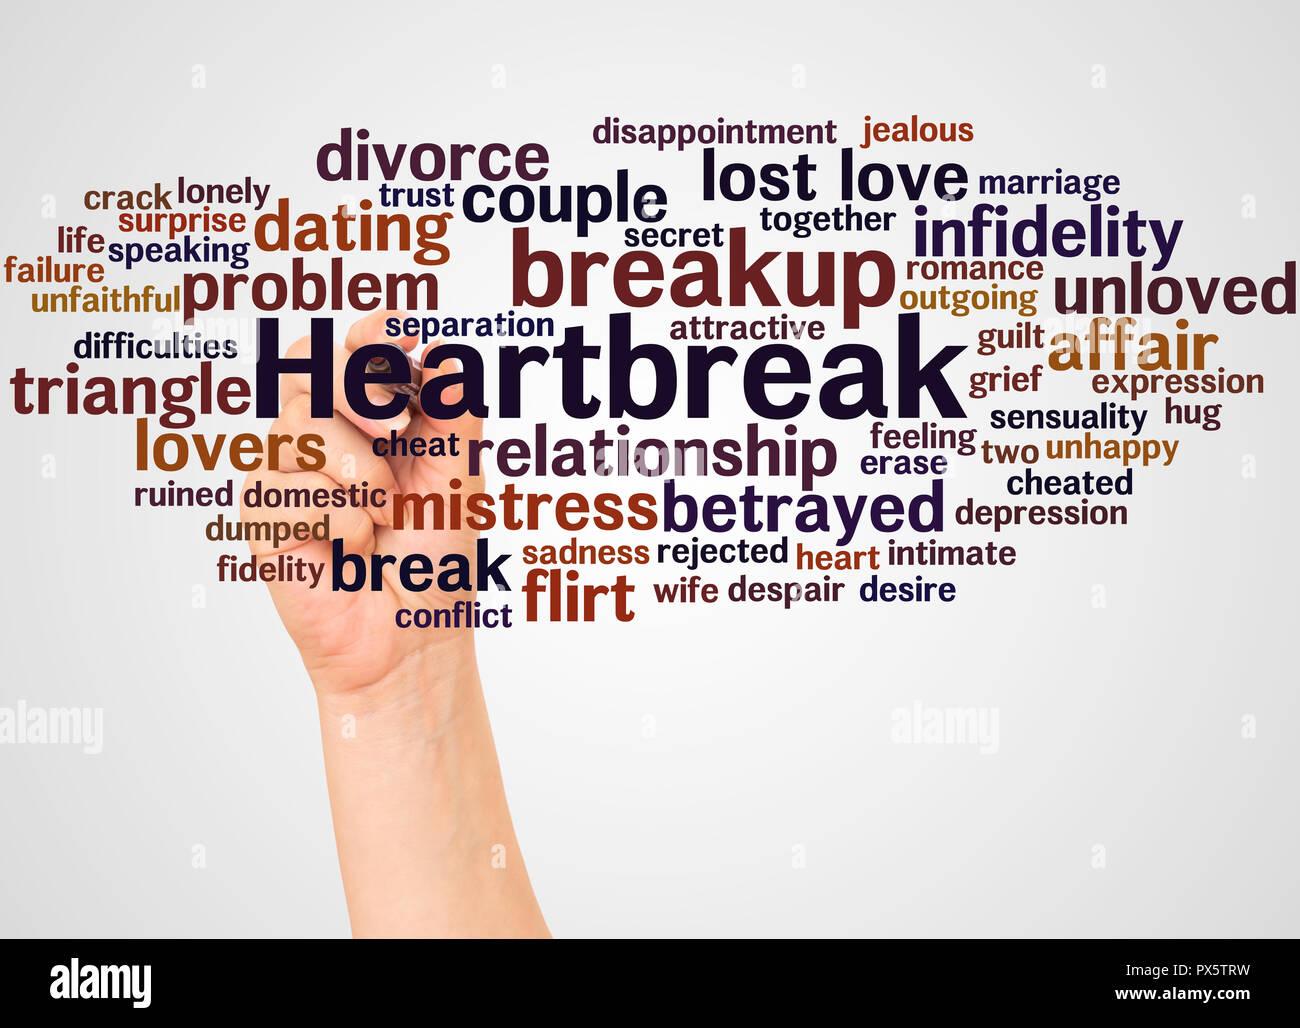 Heartbreak cloud di parola e la mano con il concetto di marcatore su sfondo bianco. Immagini Stock